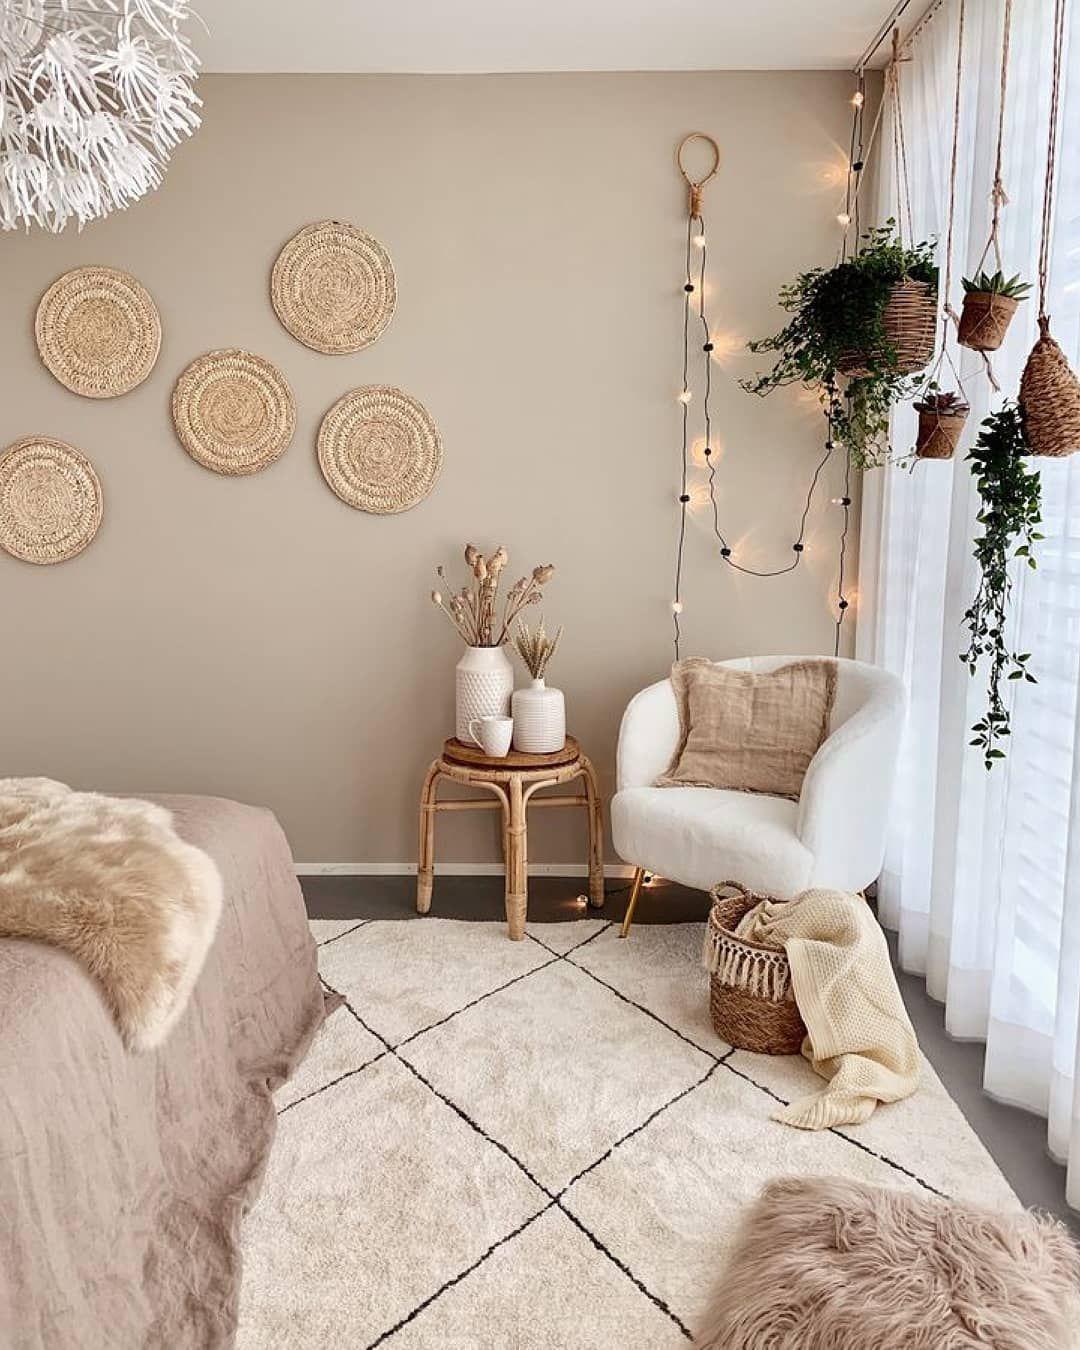 Twuss Suffolk Home Decor Blogger Chambreparentale En 2020